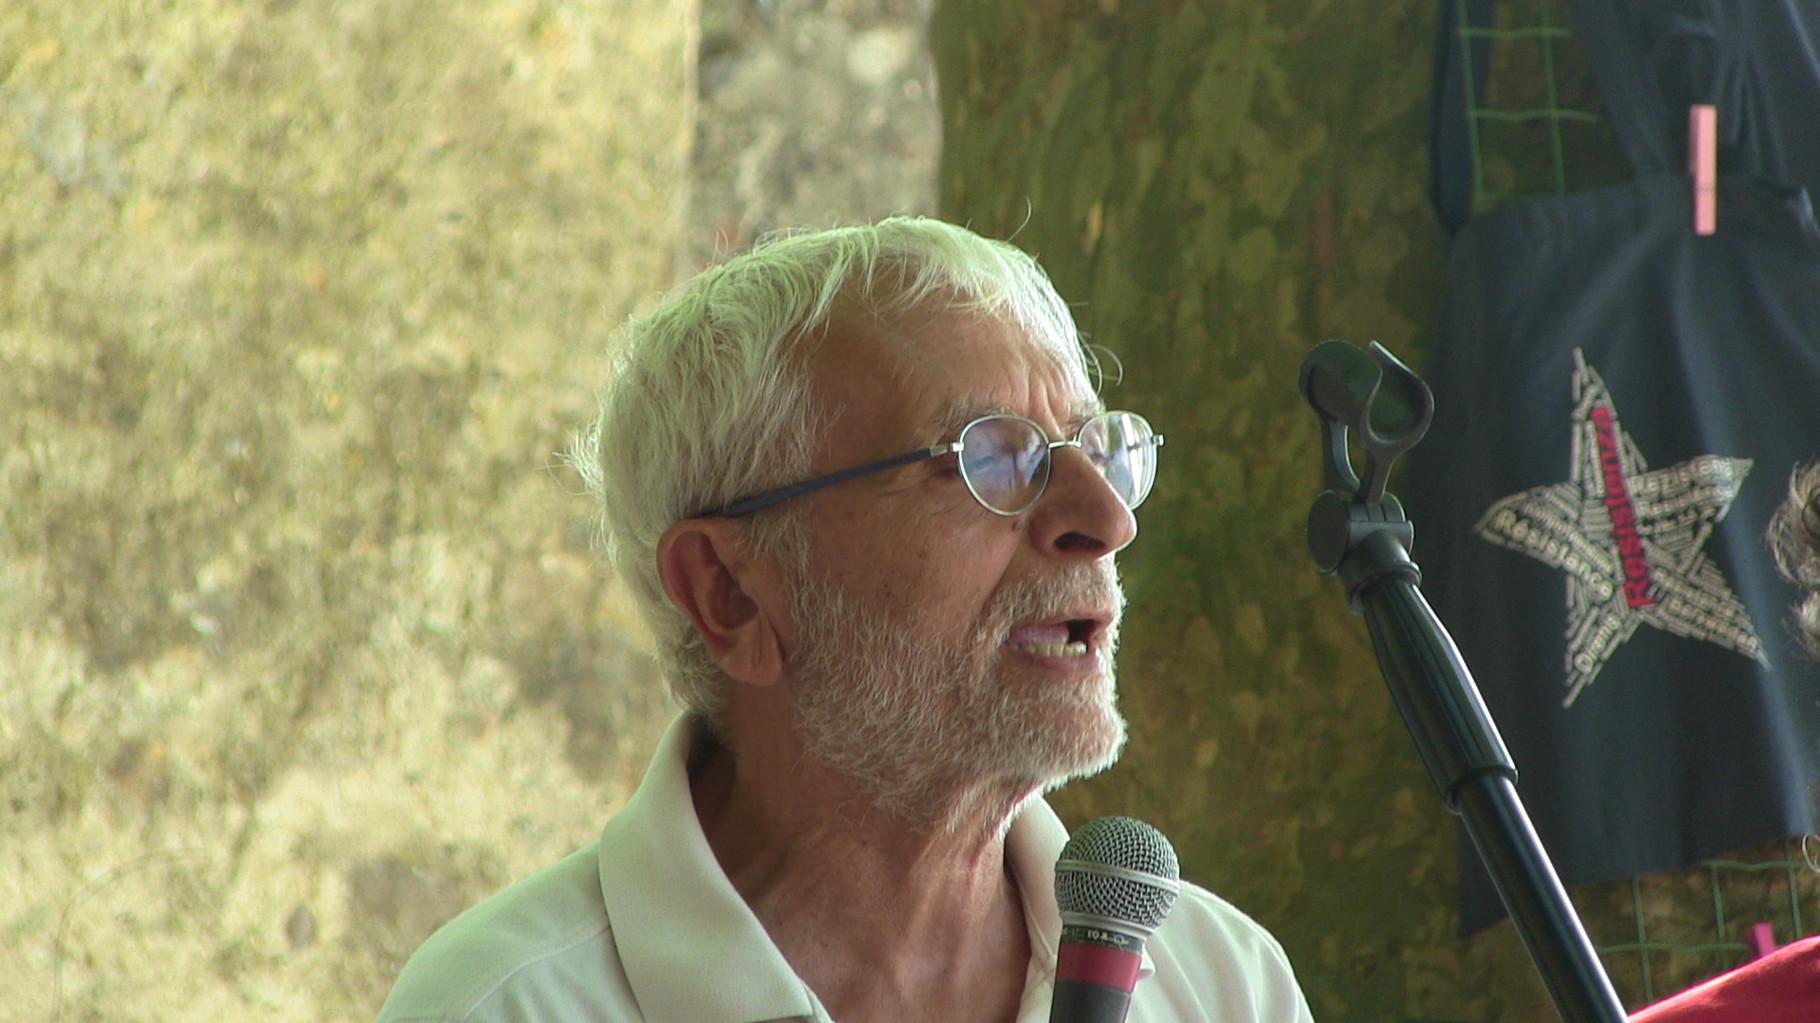 Paolo De Simonis